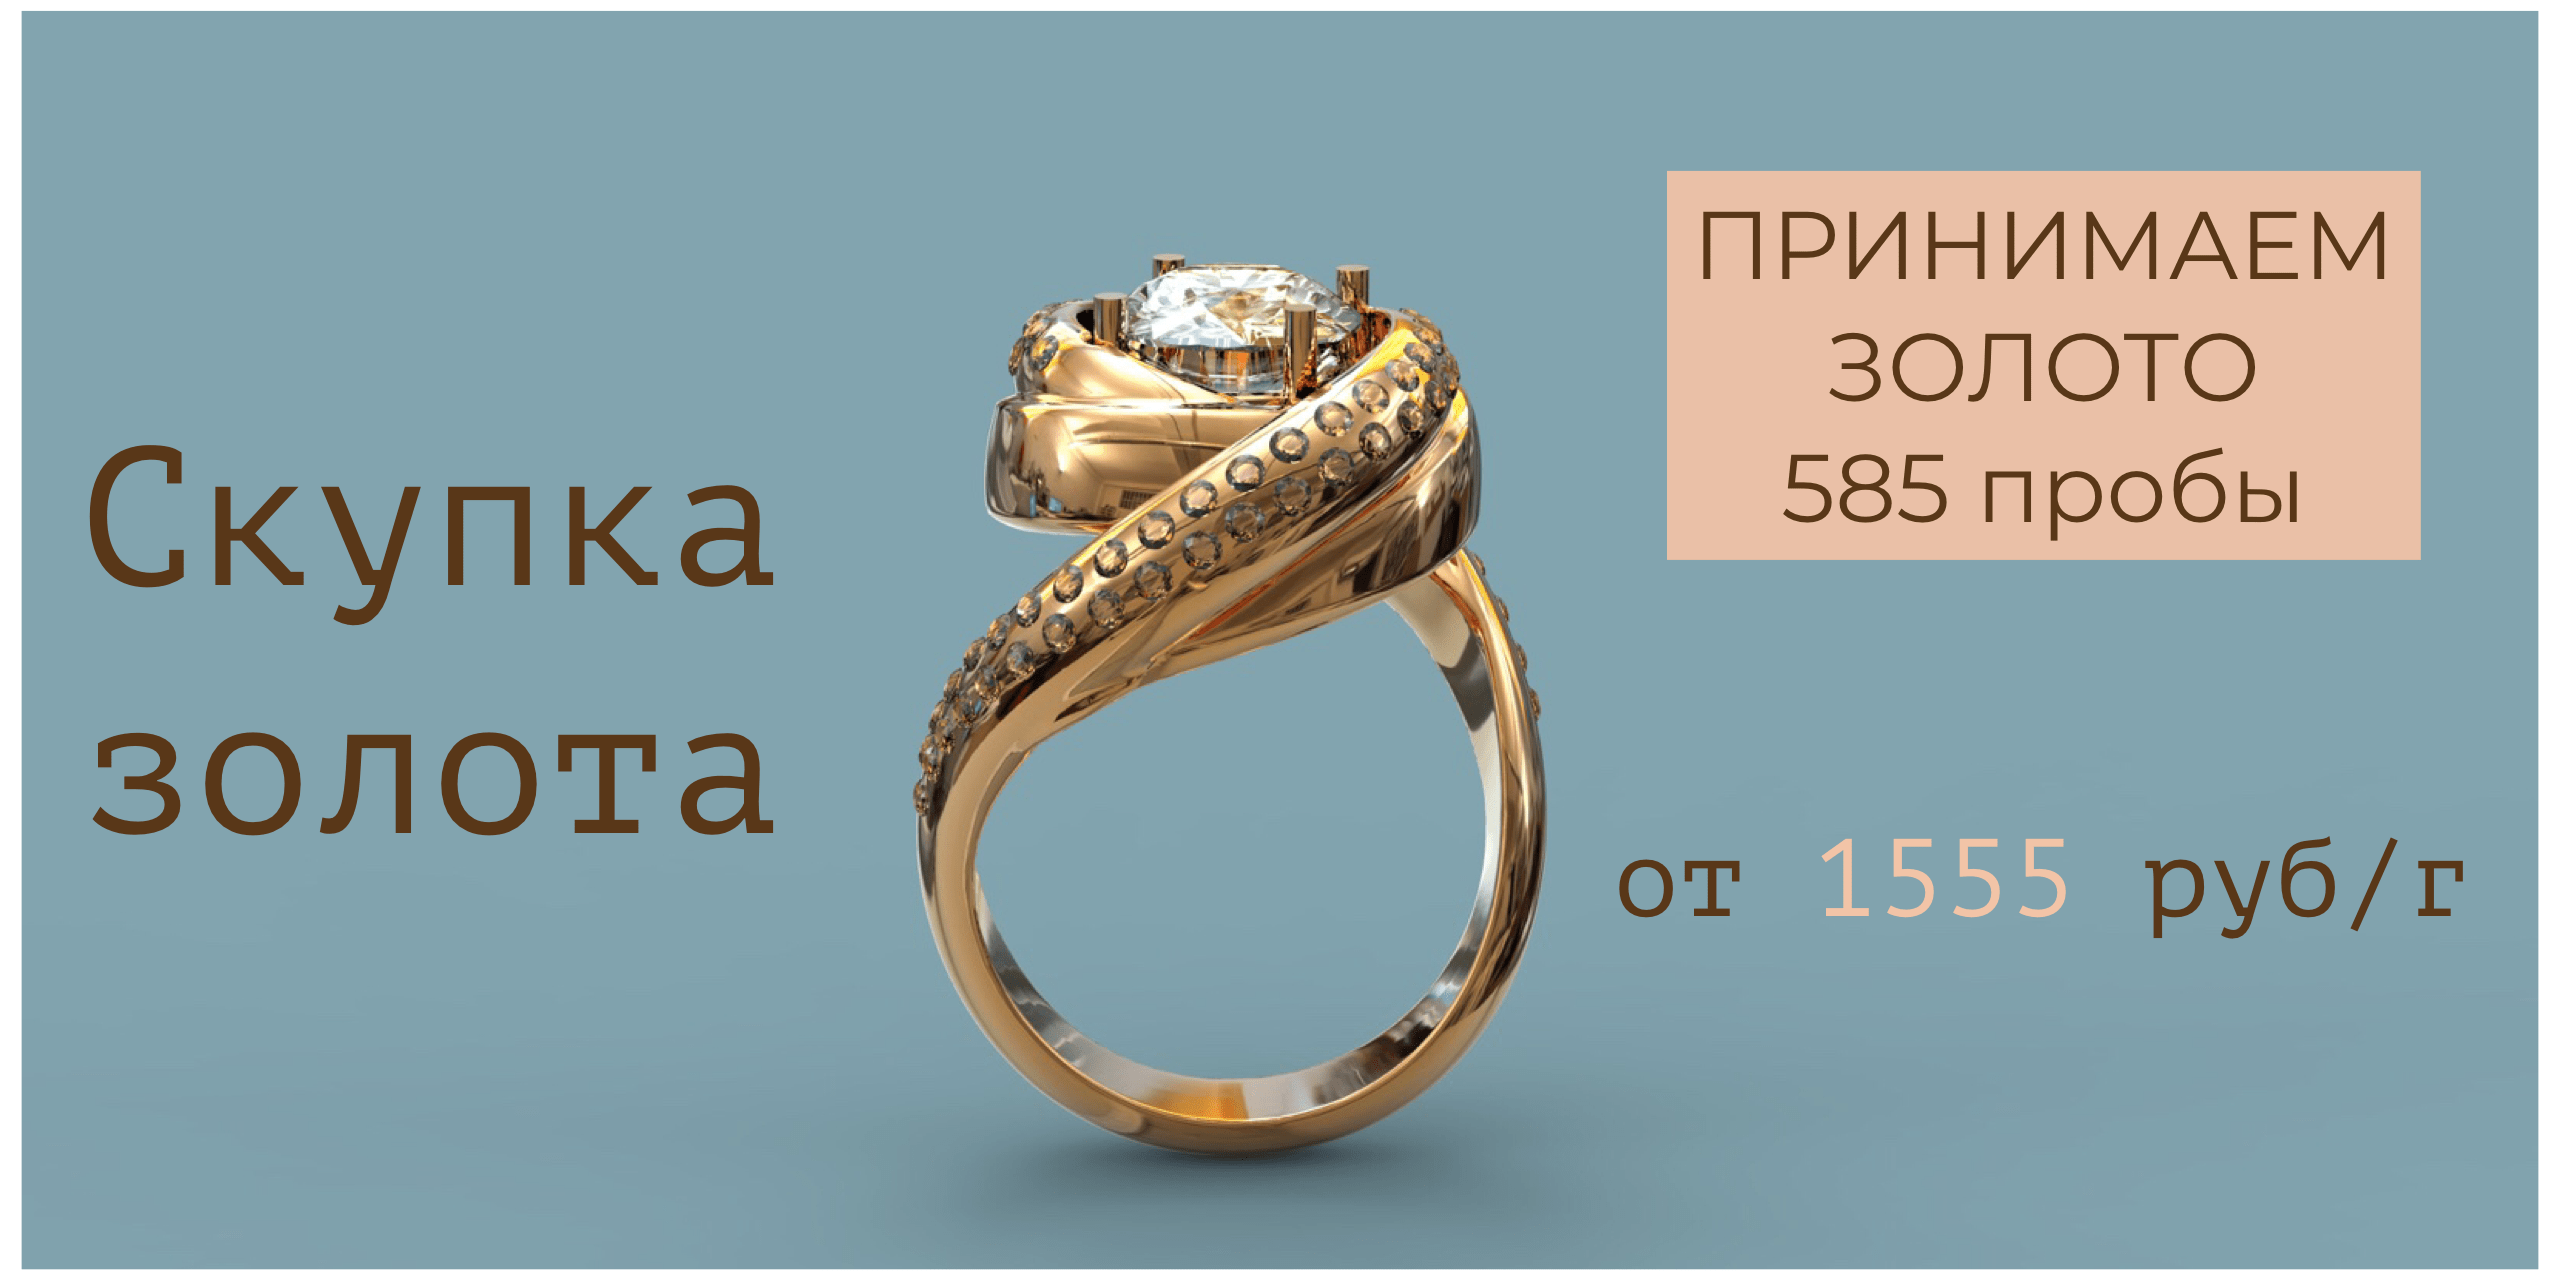 Продажа золота в ломбарде цена за грамм москва 585 автосалоны лады в москве